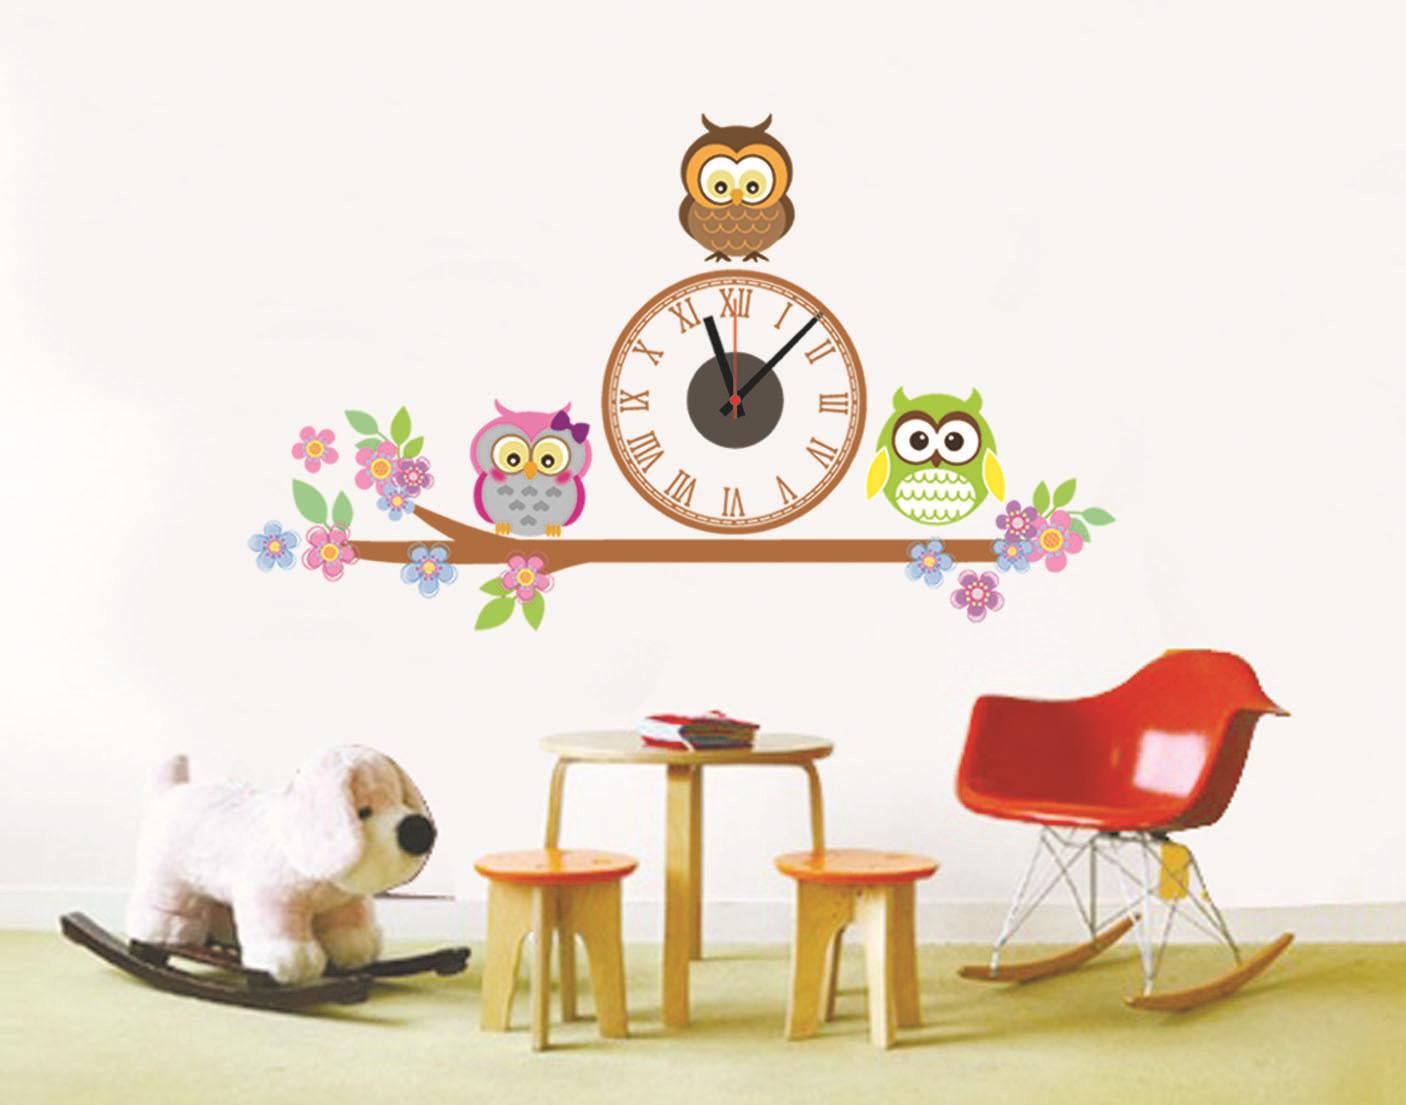 นาฬิกาพร้อมสติกเกอร์ นกฮูก3ตัว CD871